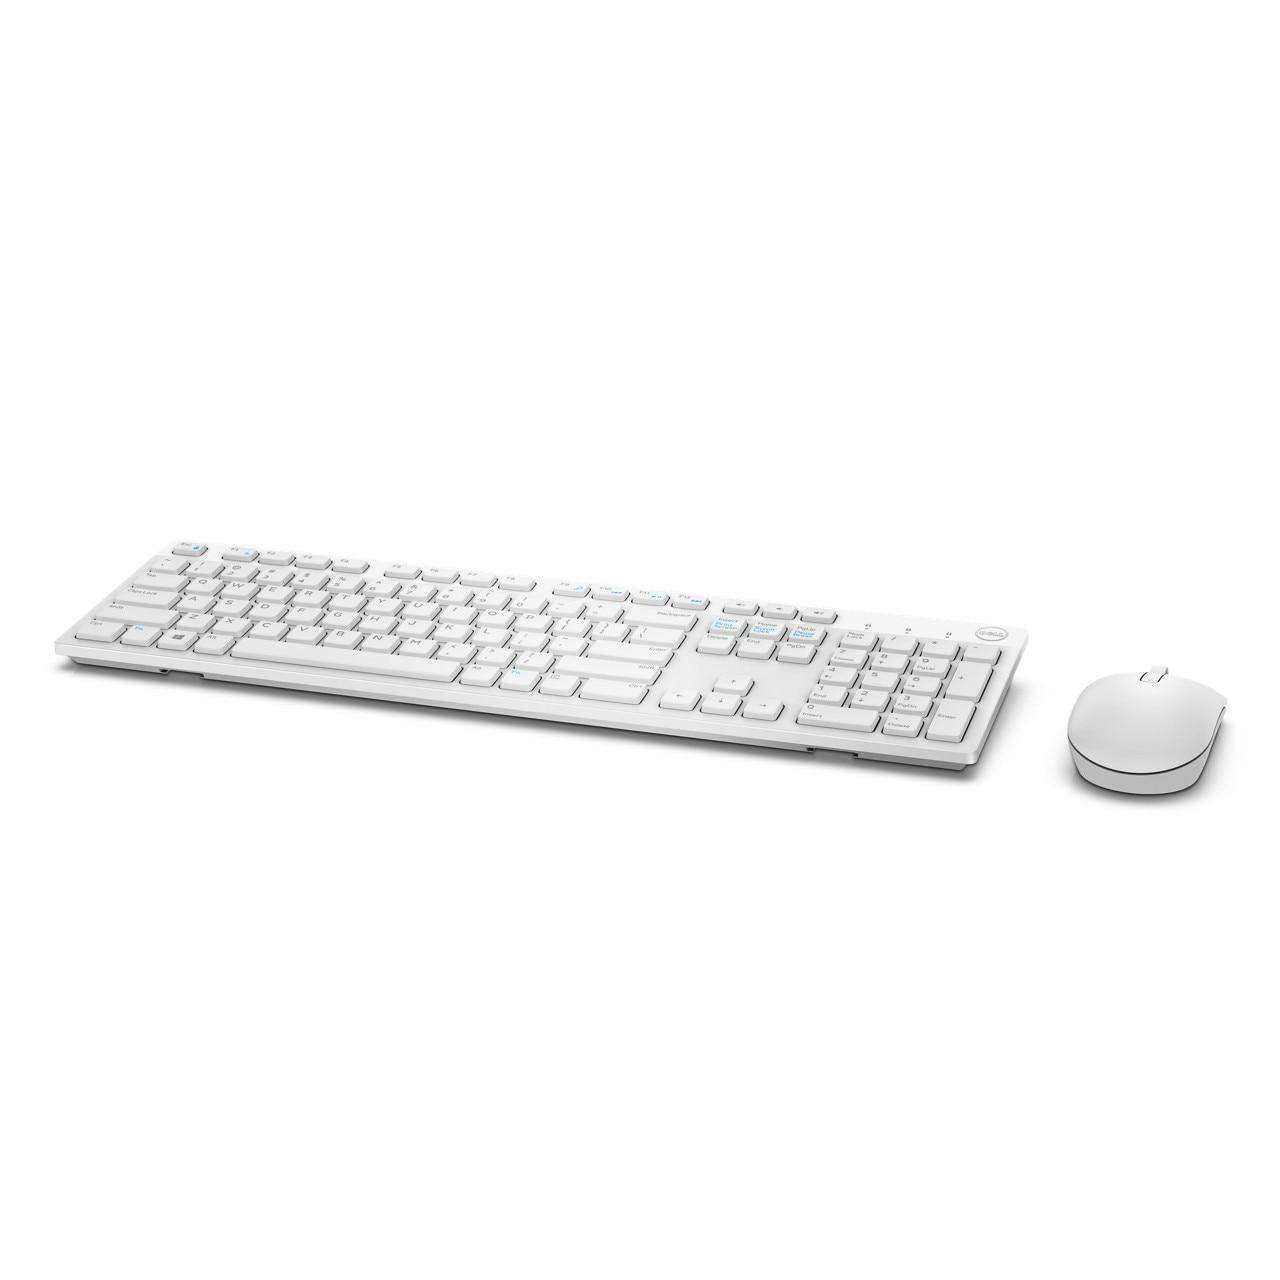 Kit Teclado E Mouse Wireless Dell Km636 Branco R One 11900 Vista Adicionar Sacola